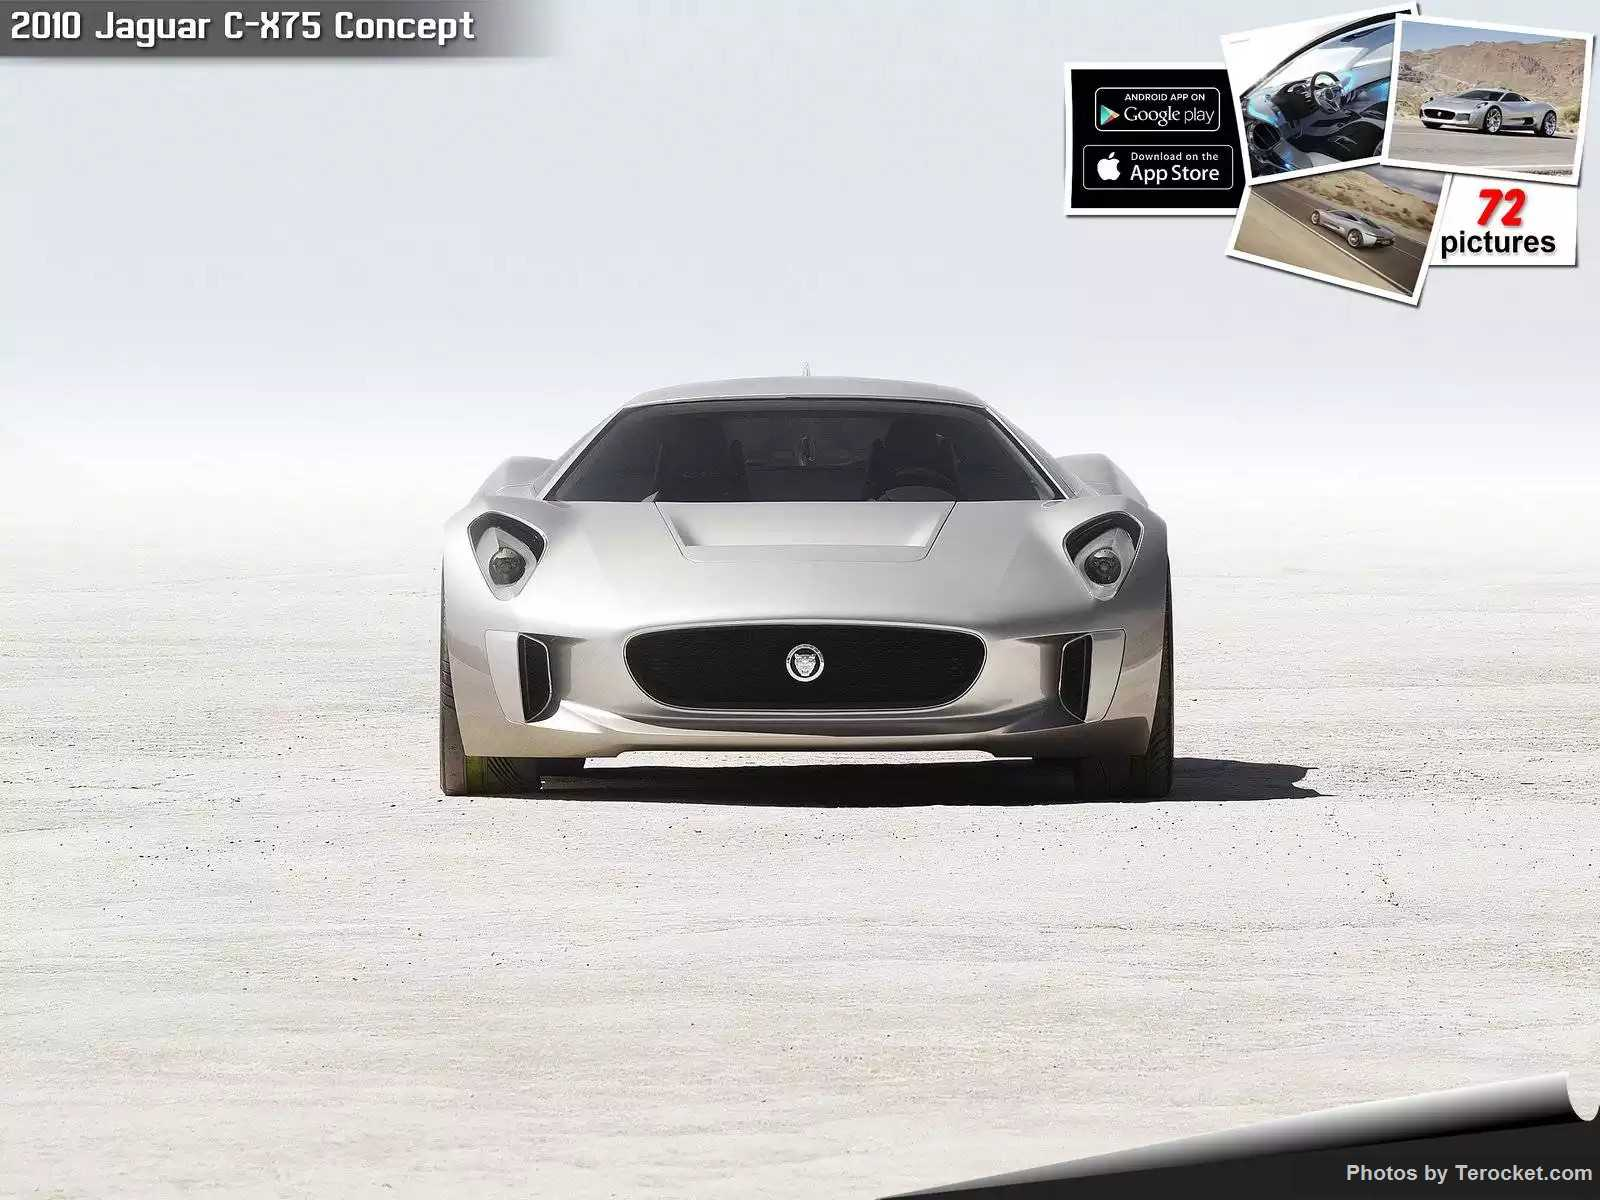 Hình ảnh xe ô tô Jaguar C-X75 Concept 2010 & nội ngoại thất